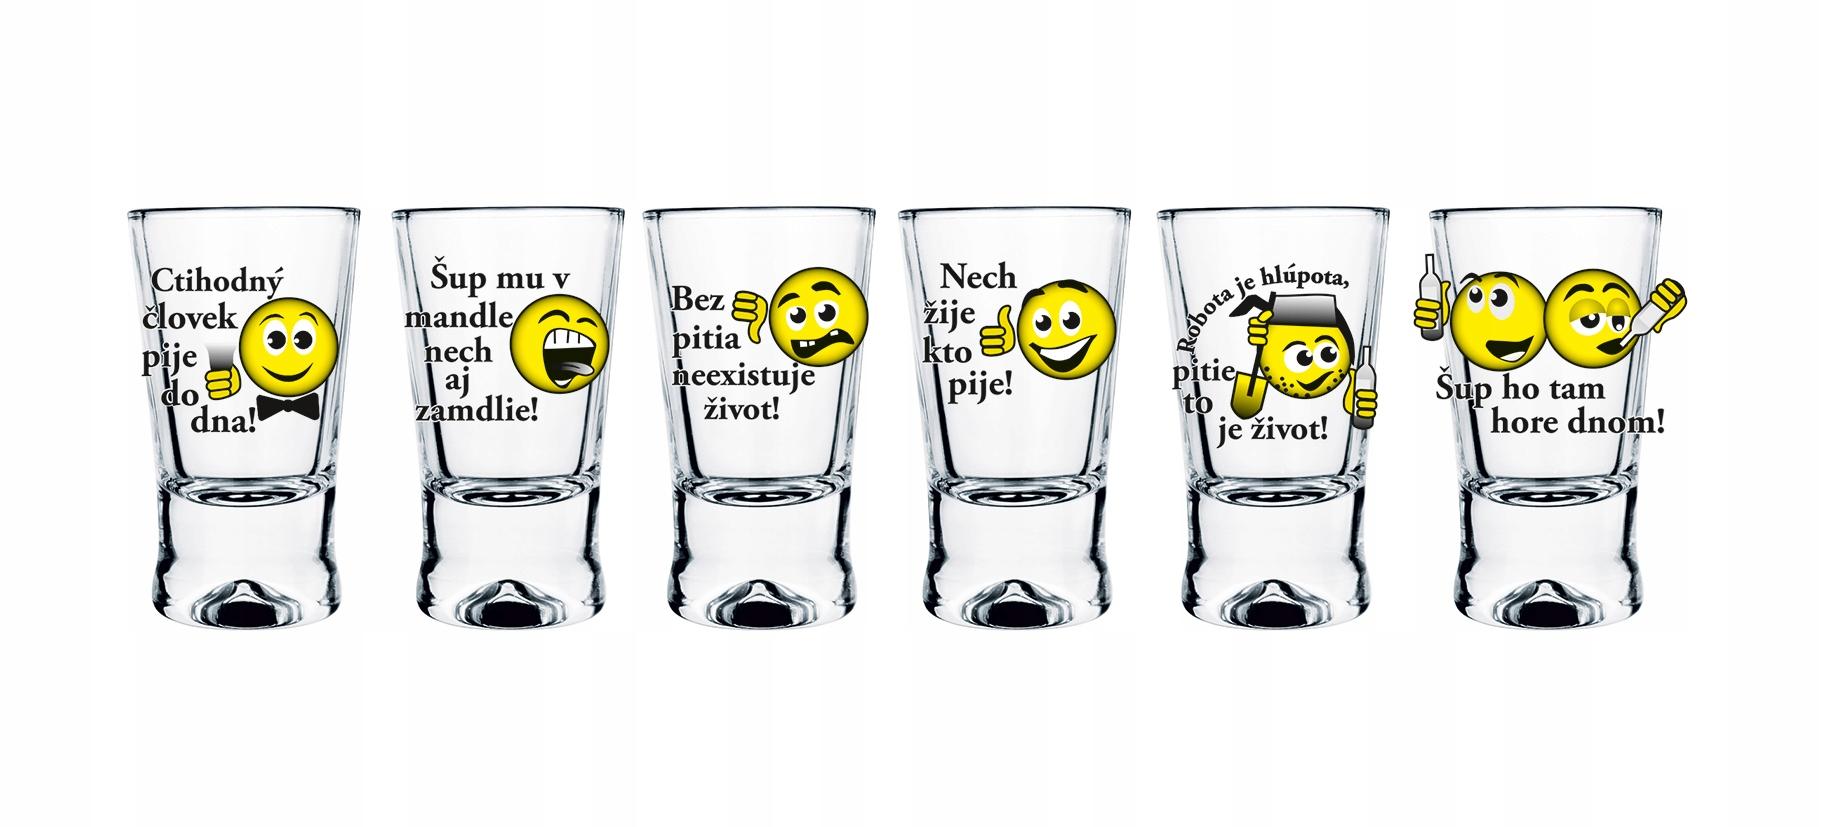 Okuliare pre Funny Vodka s titulkami v Slovak